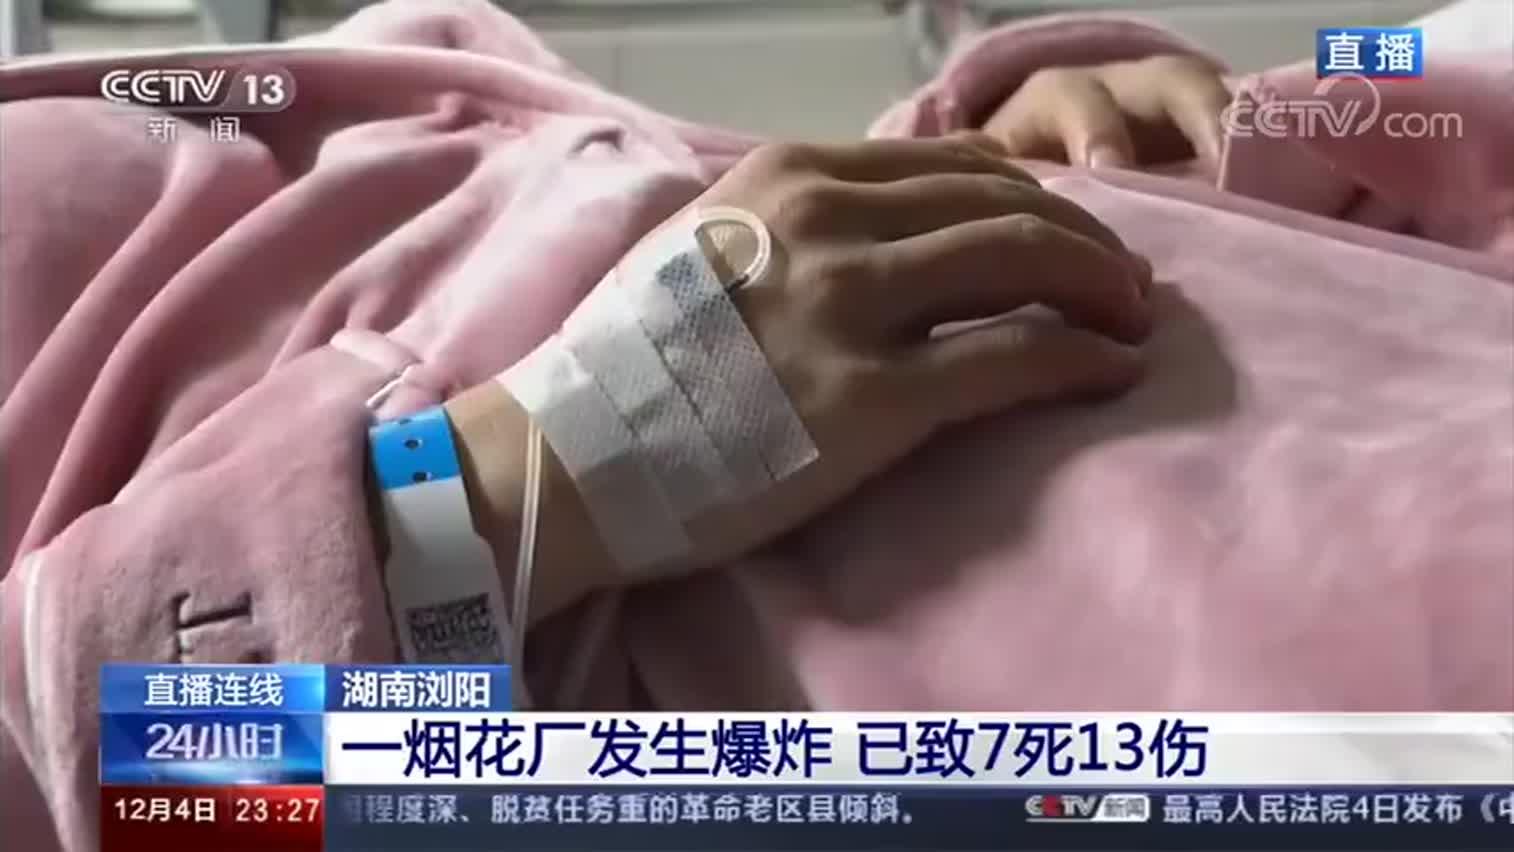 现场视频-湖南浏阳烟花厂爆炸 腾起滚滚黑色浓烟